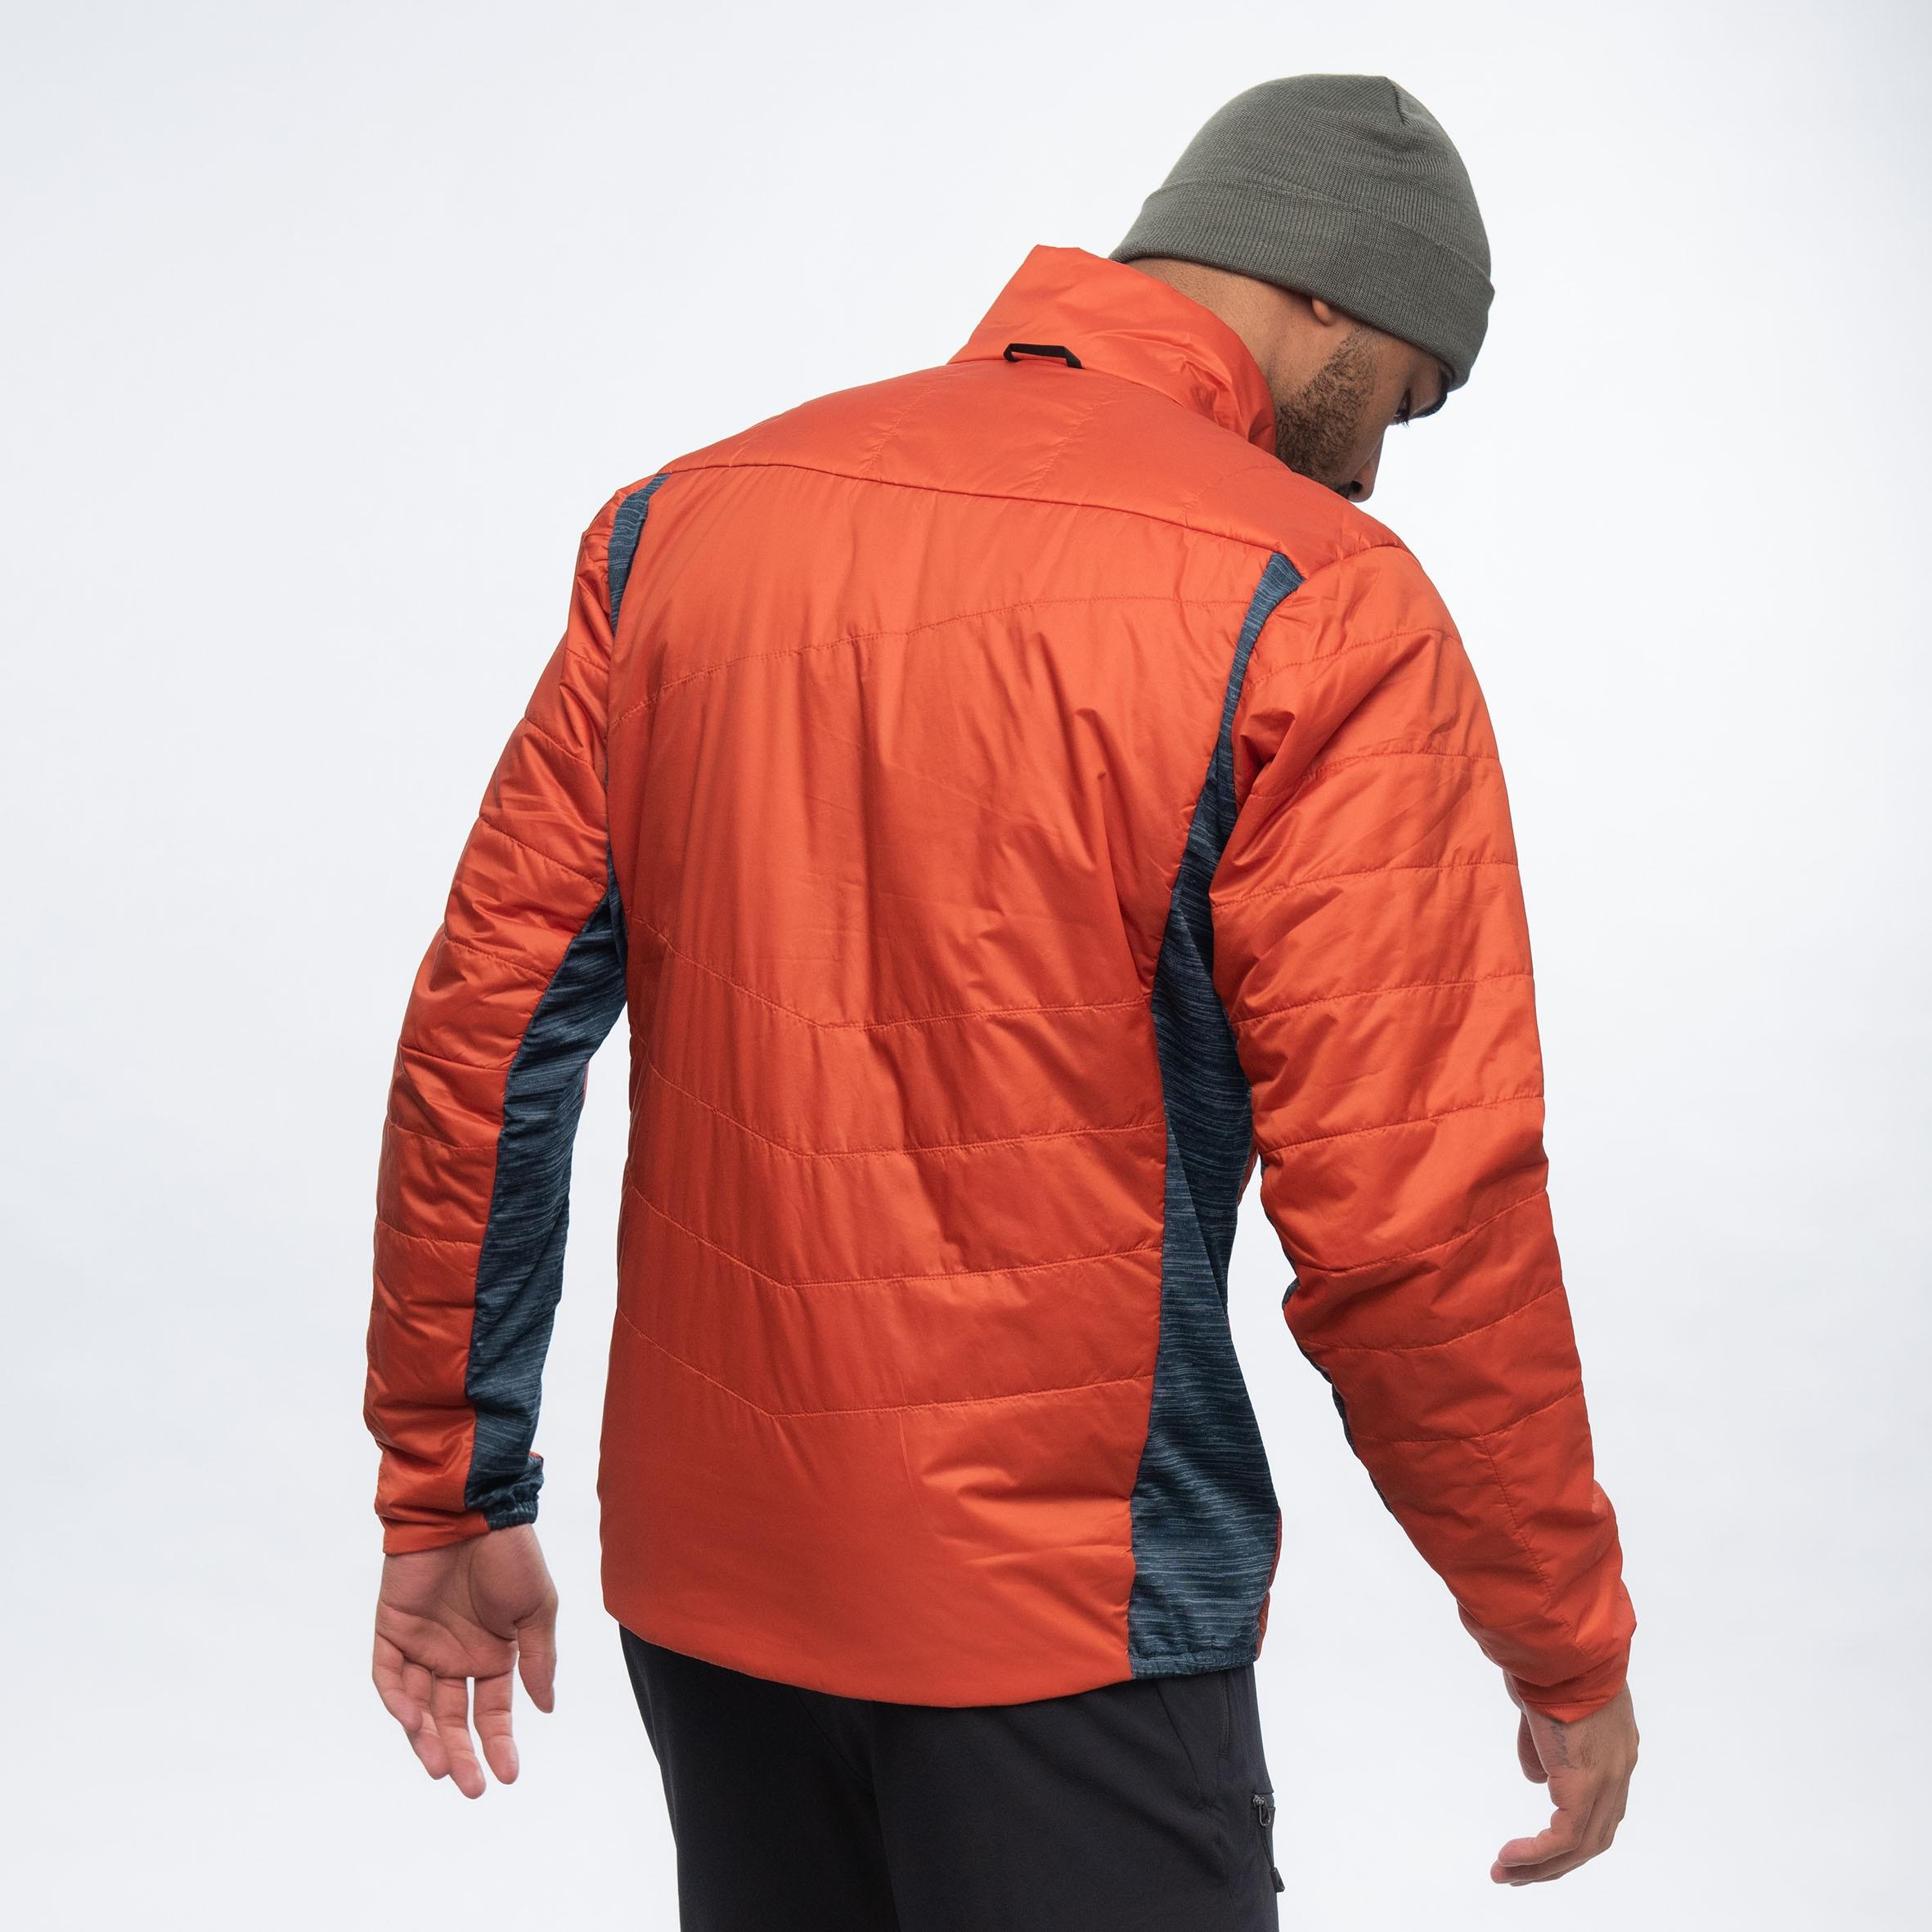 Rabot V2 Insulated Hybrid Jacket